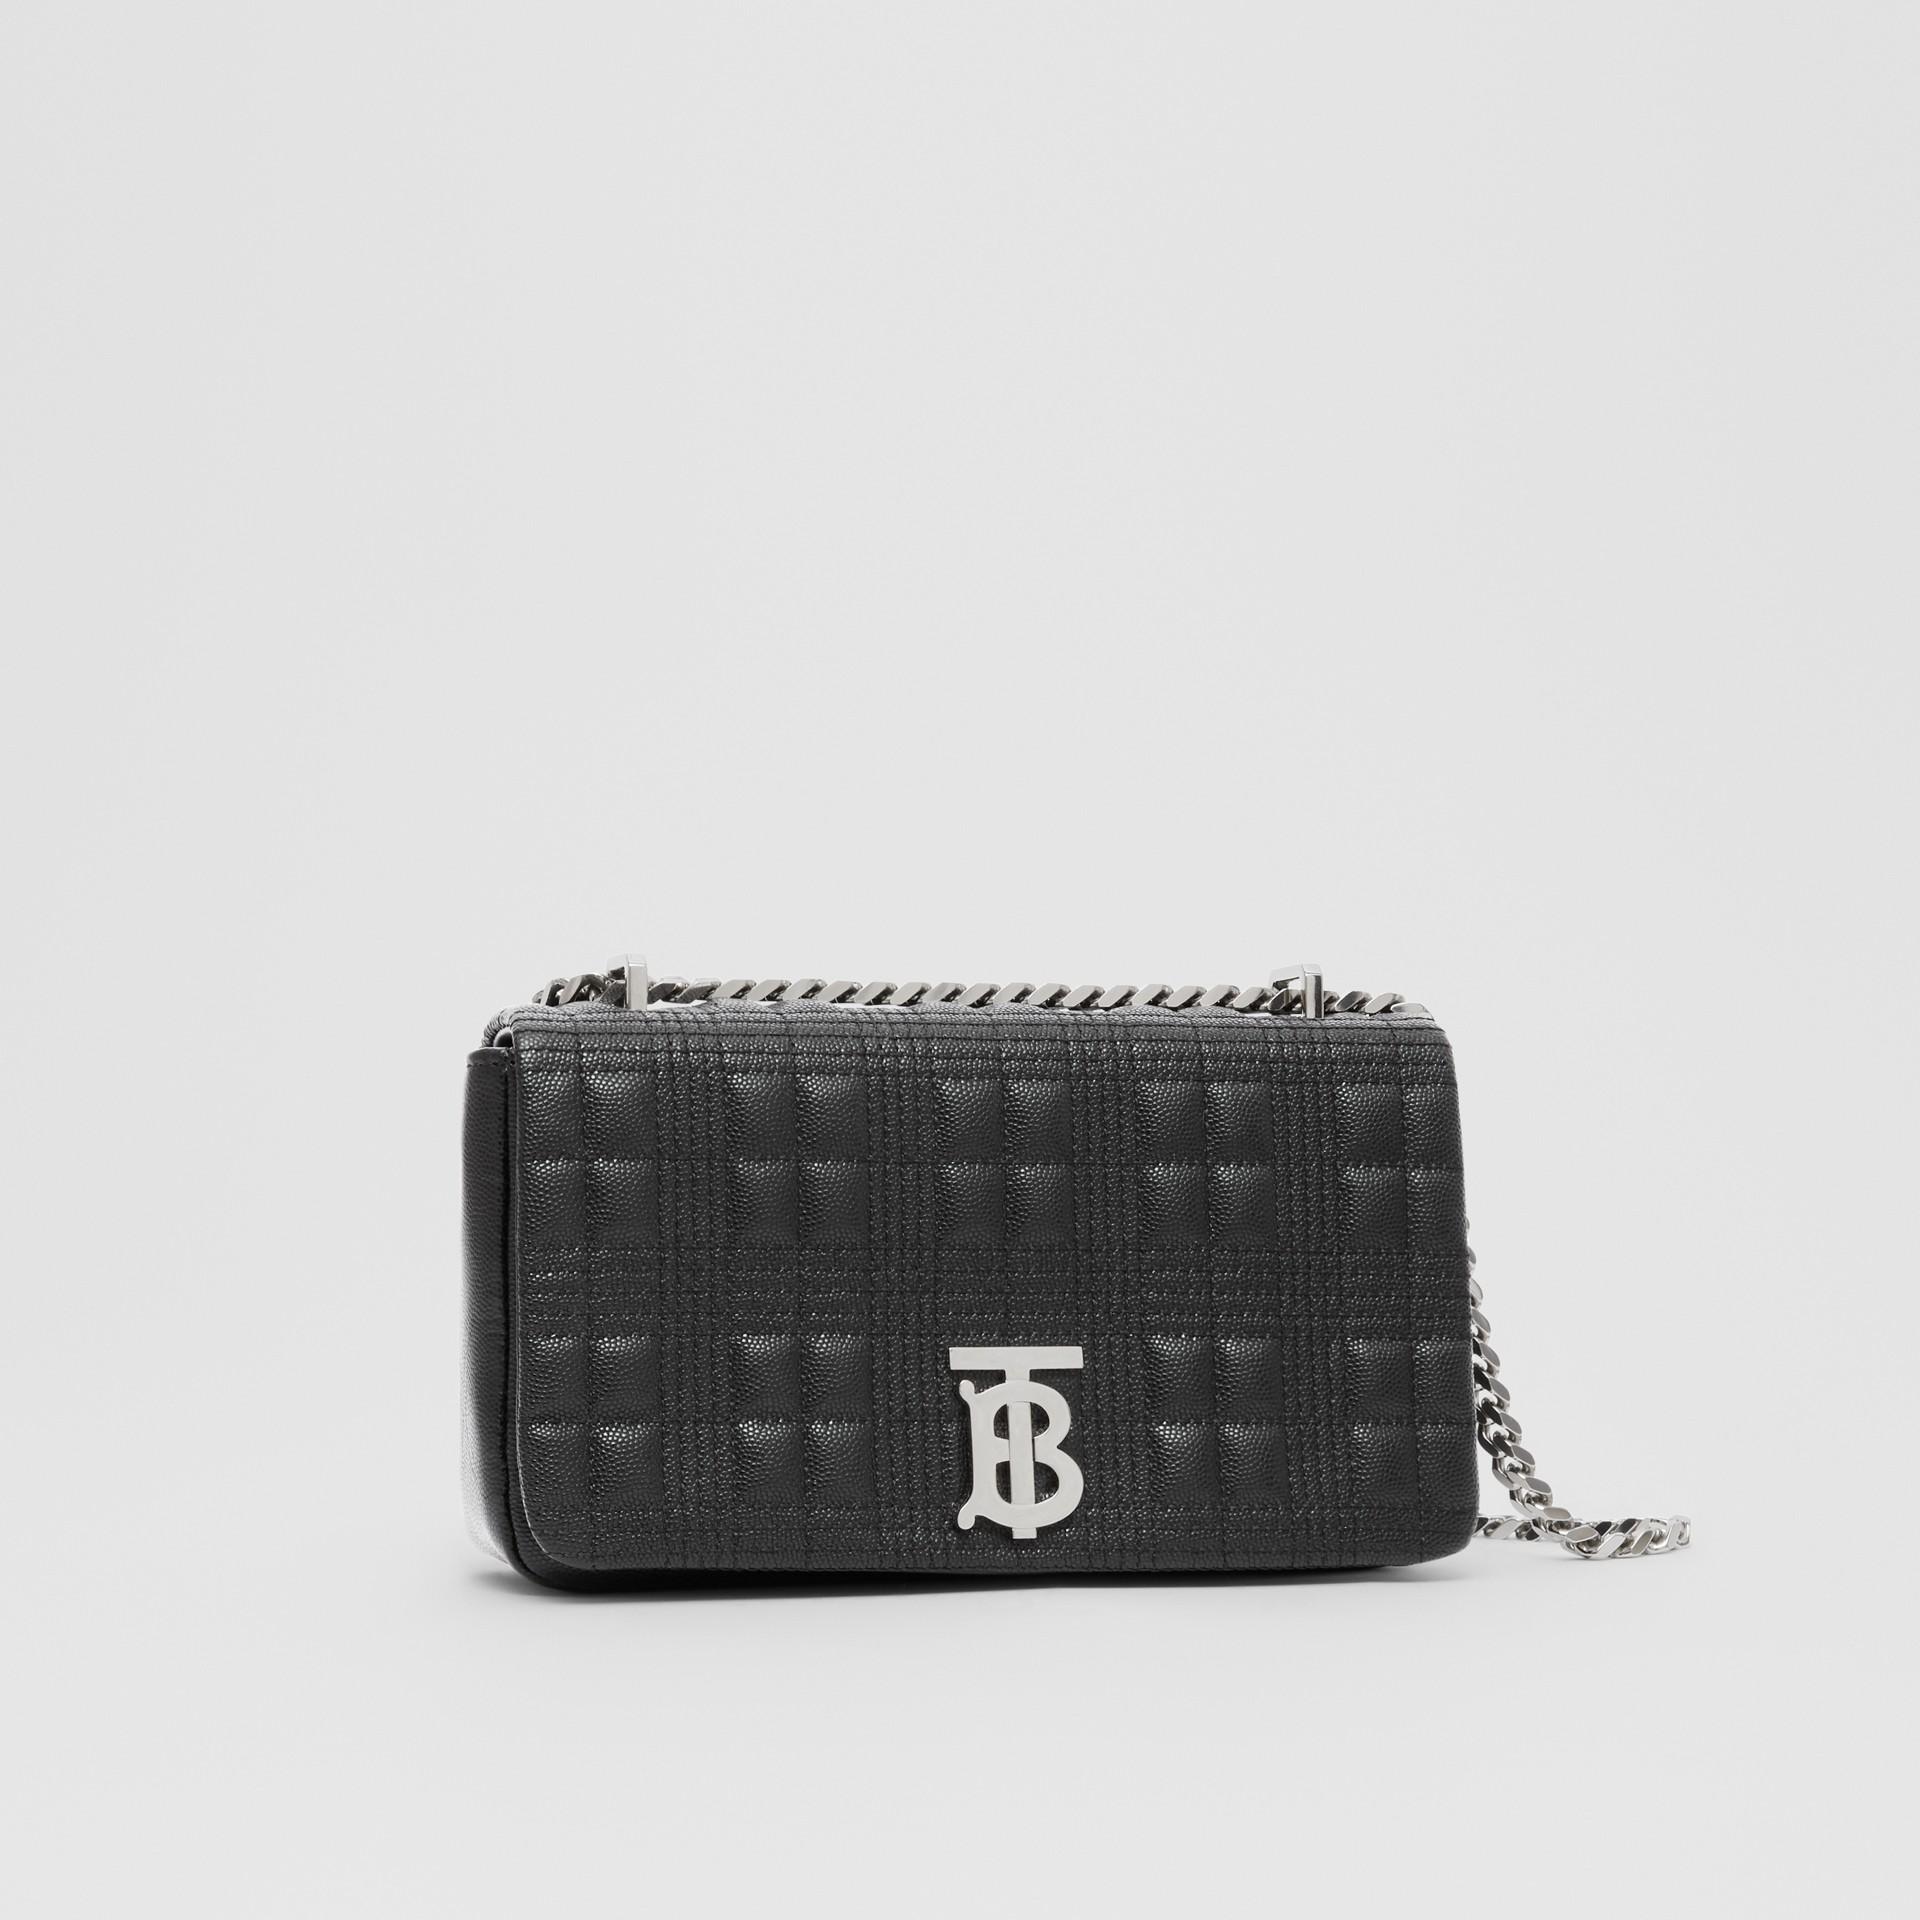 Bolsa Lola acolchoada em couro granulado - Pequena (Preto) | Burberry - galeria de imagens 8